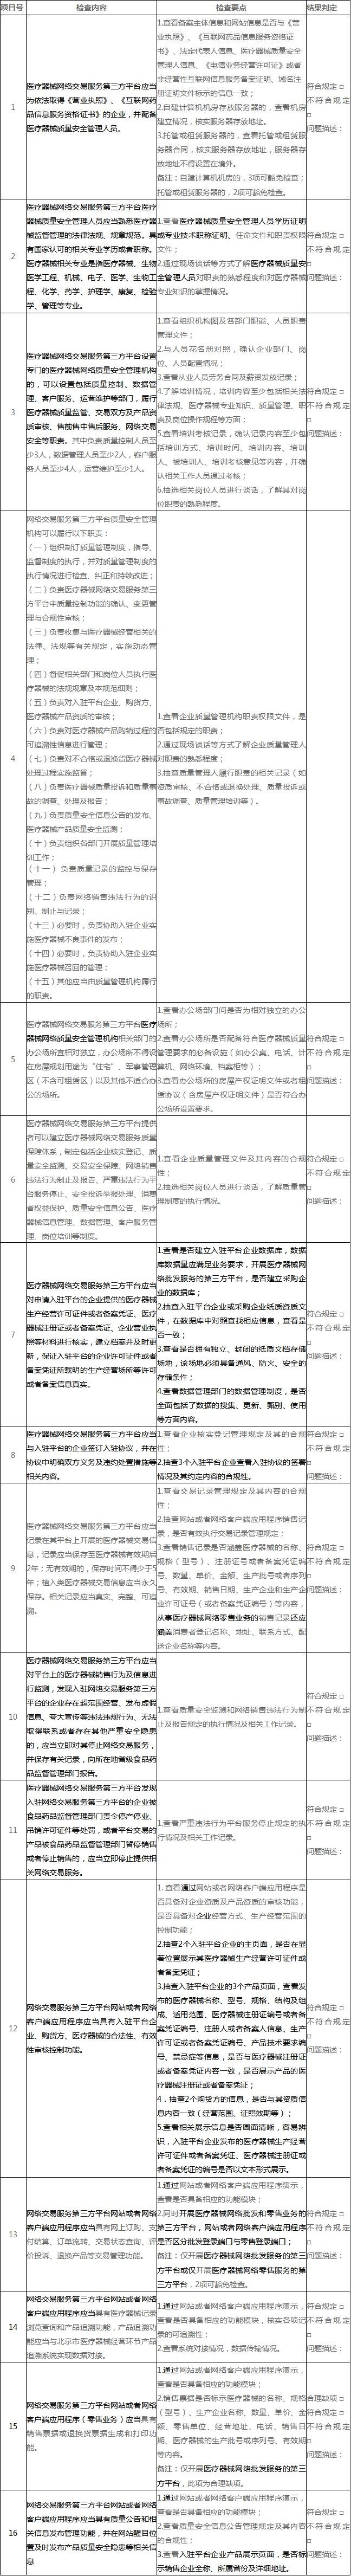 附件6:北京市医疗器械网络交易服务第三方平台现场检查评定细则.jpg